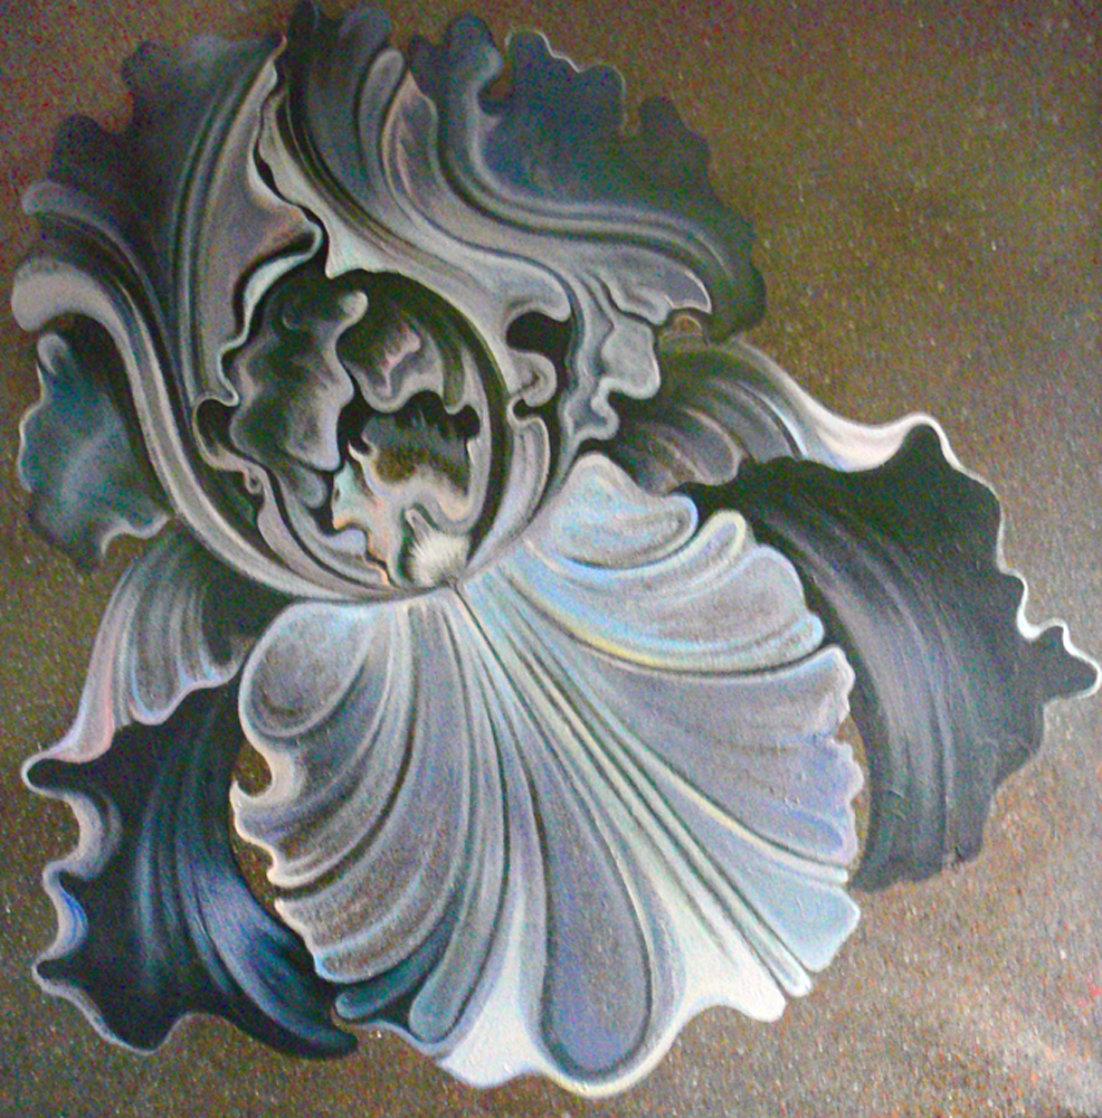 Nocturnal Iris 60x60 Super Huge Original Painting by Lowell Blair Nesbitt